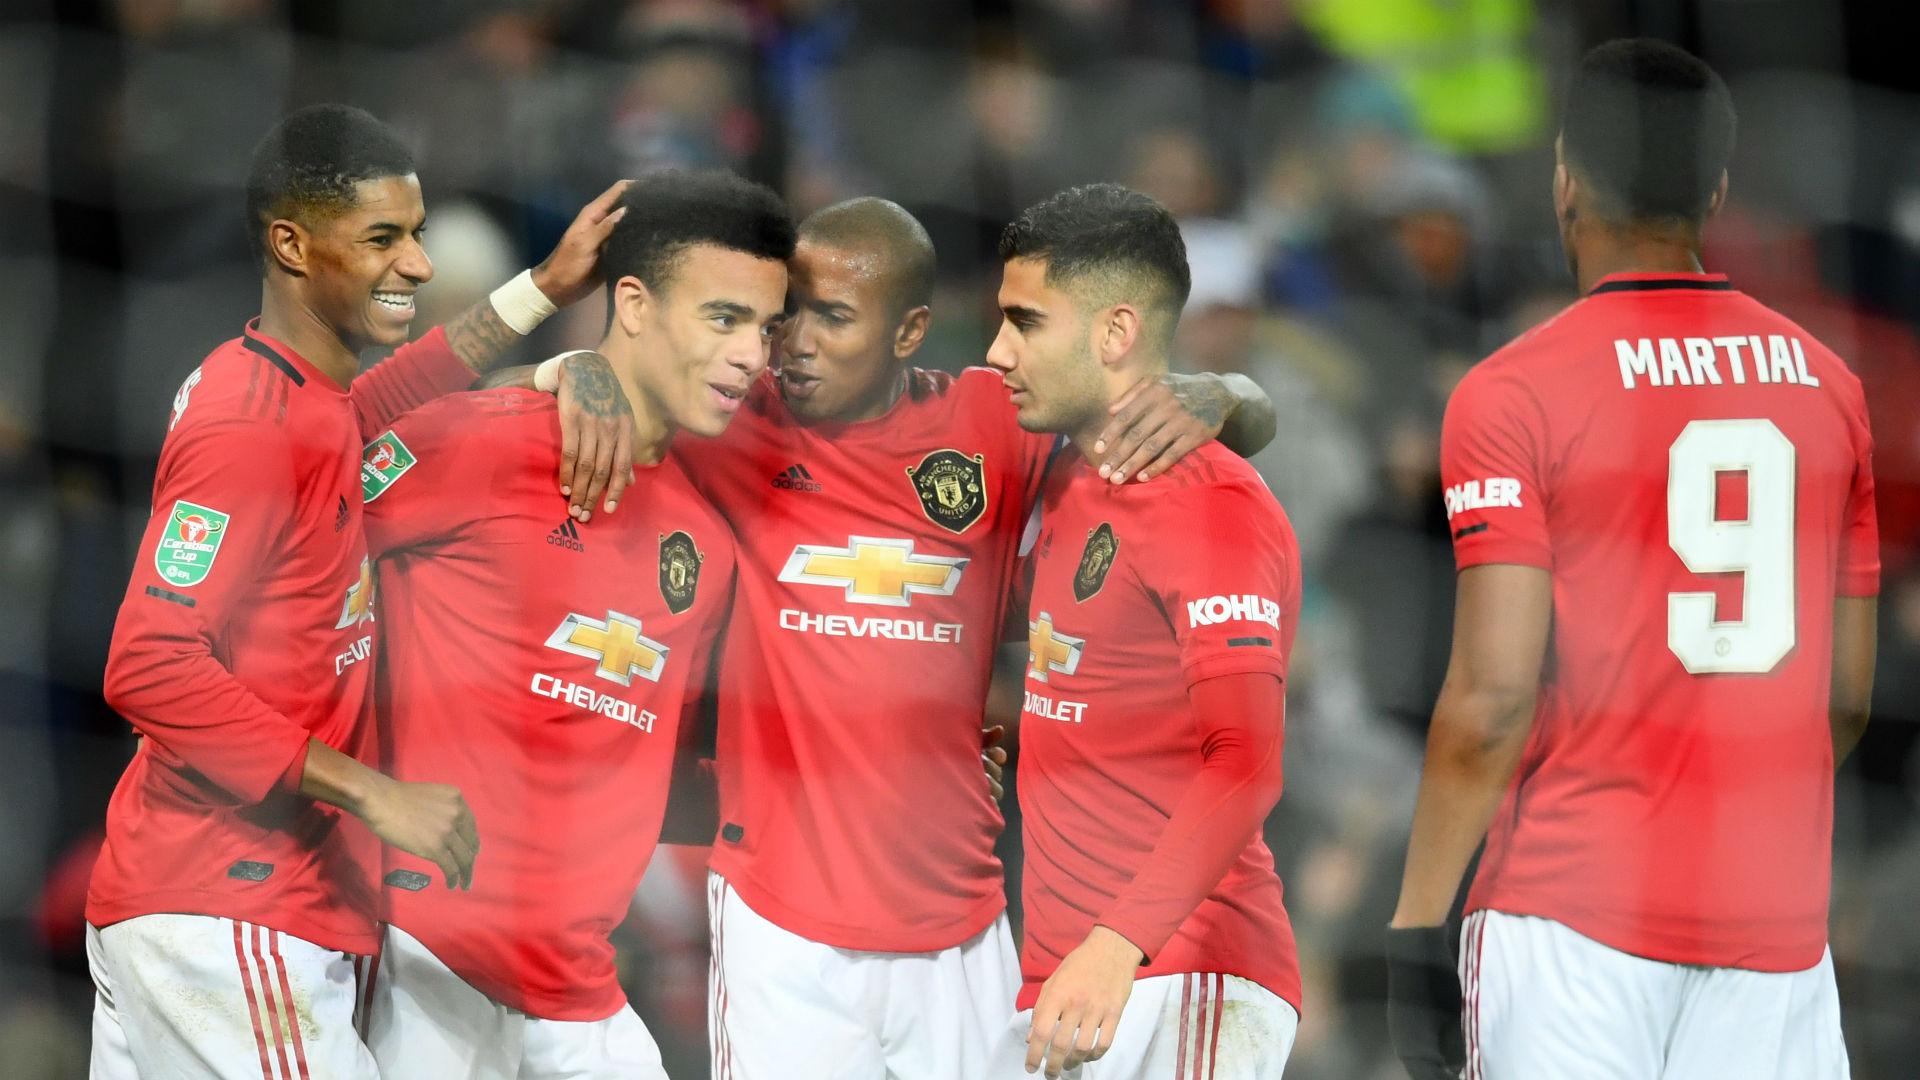 Berita EPL Nigel Pearson Manchester United Punya Kualitas